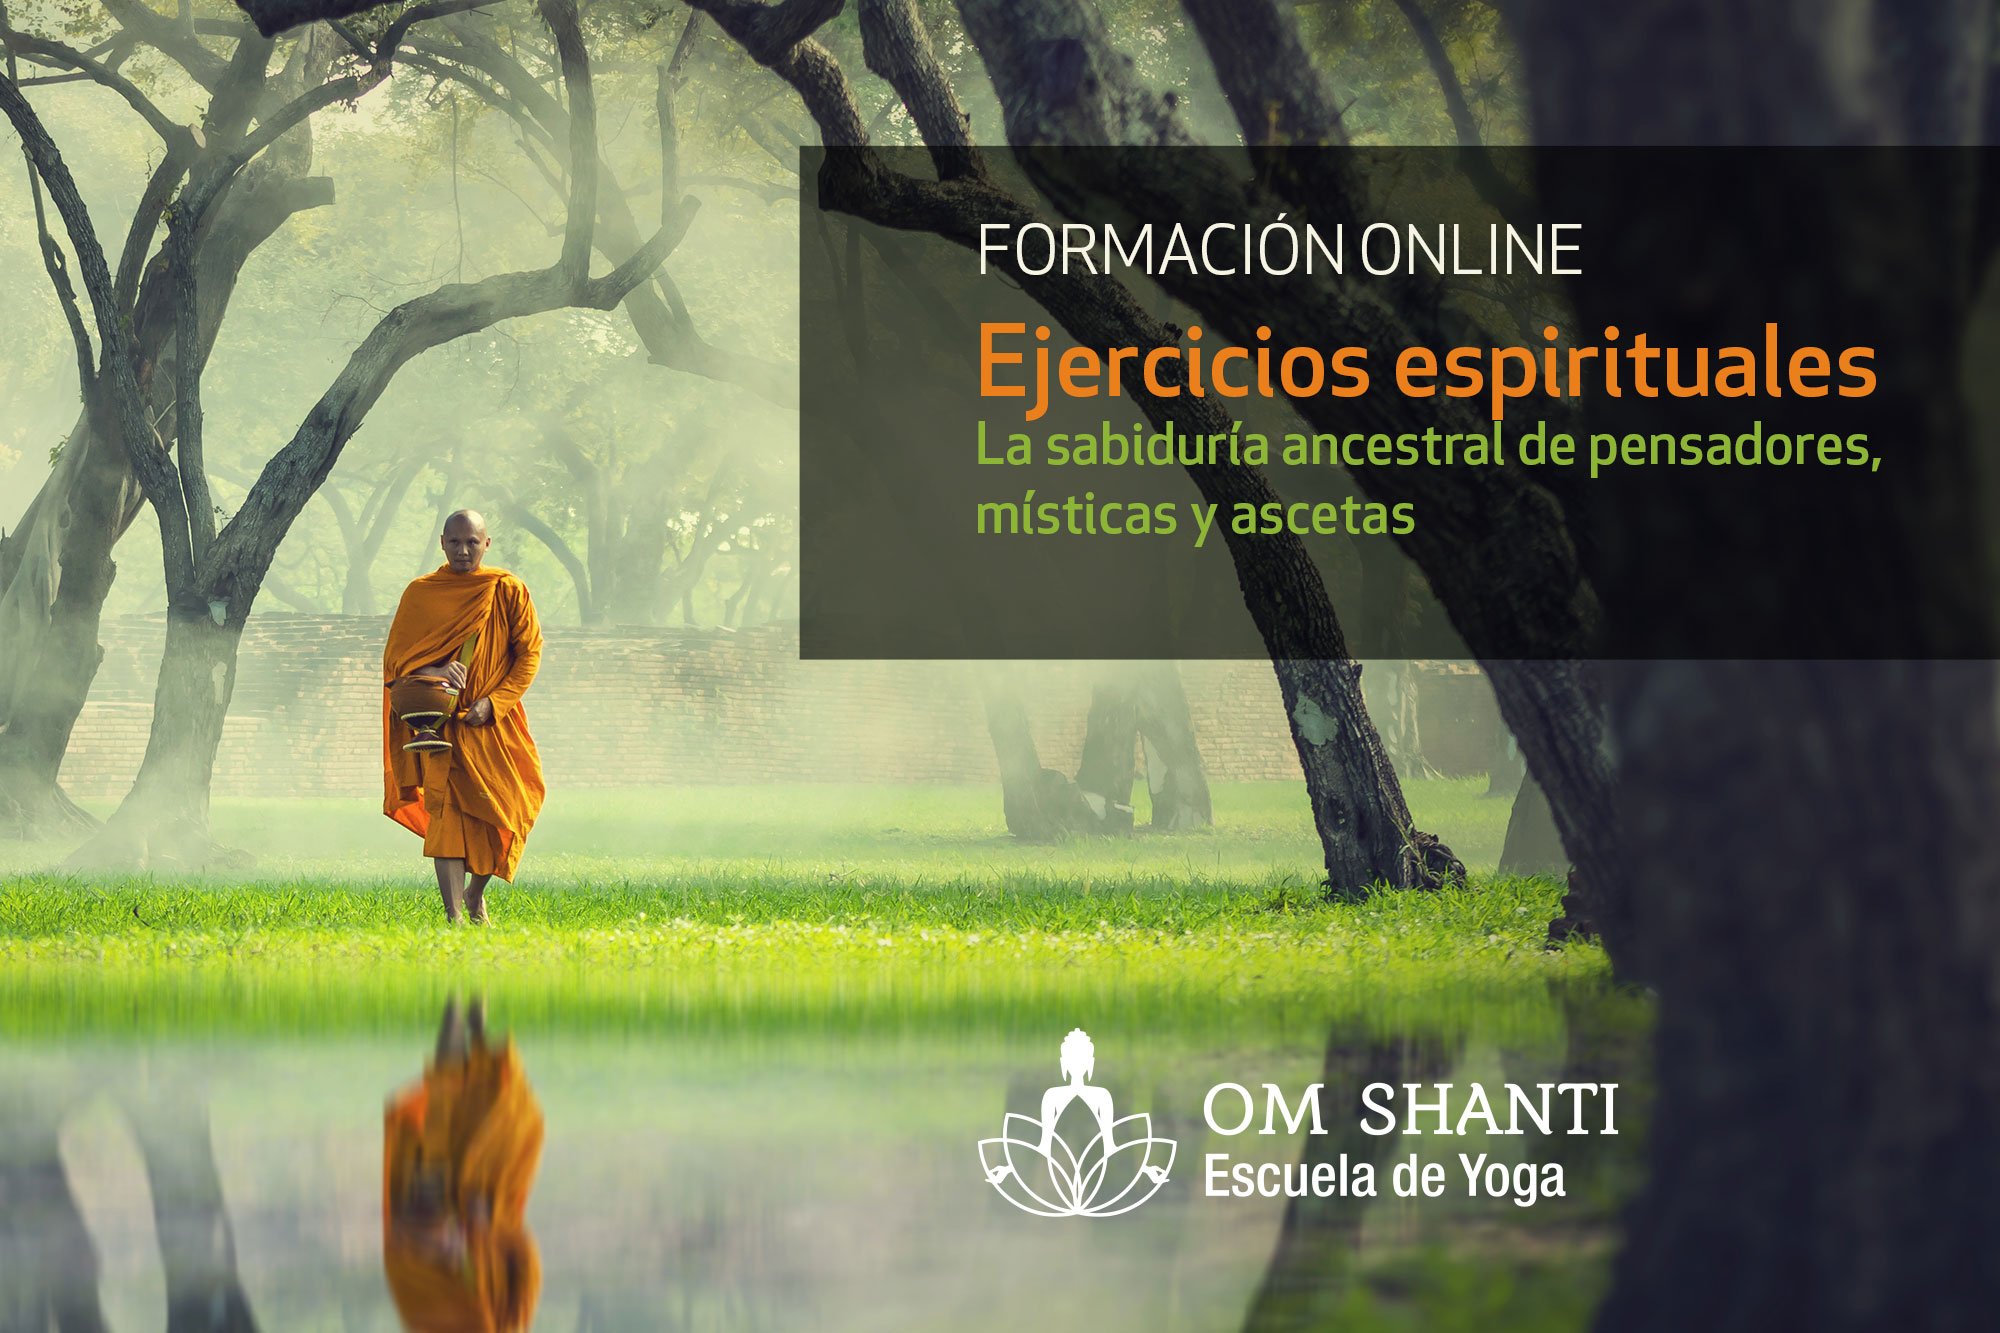 Ejercicios espirituales. La sabiduría ancestral de pensadores, místicas y ascetas